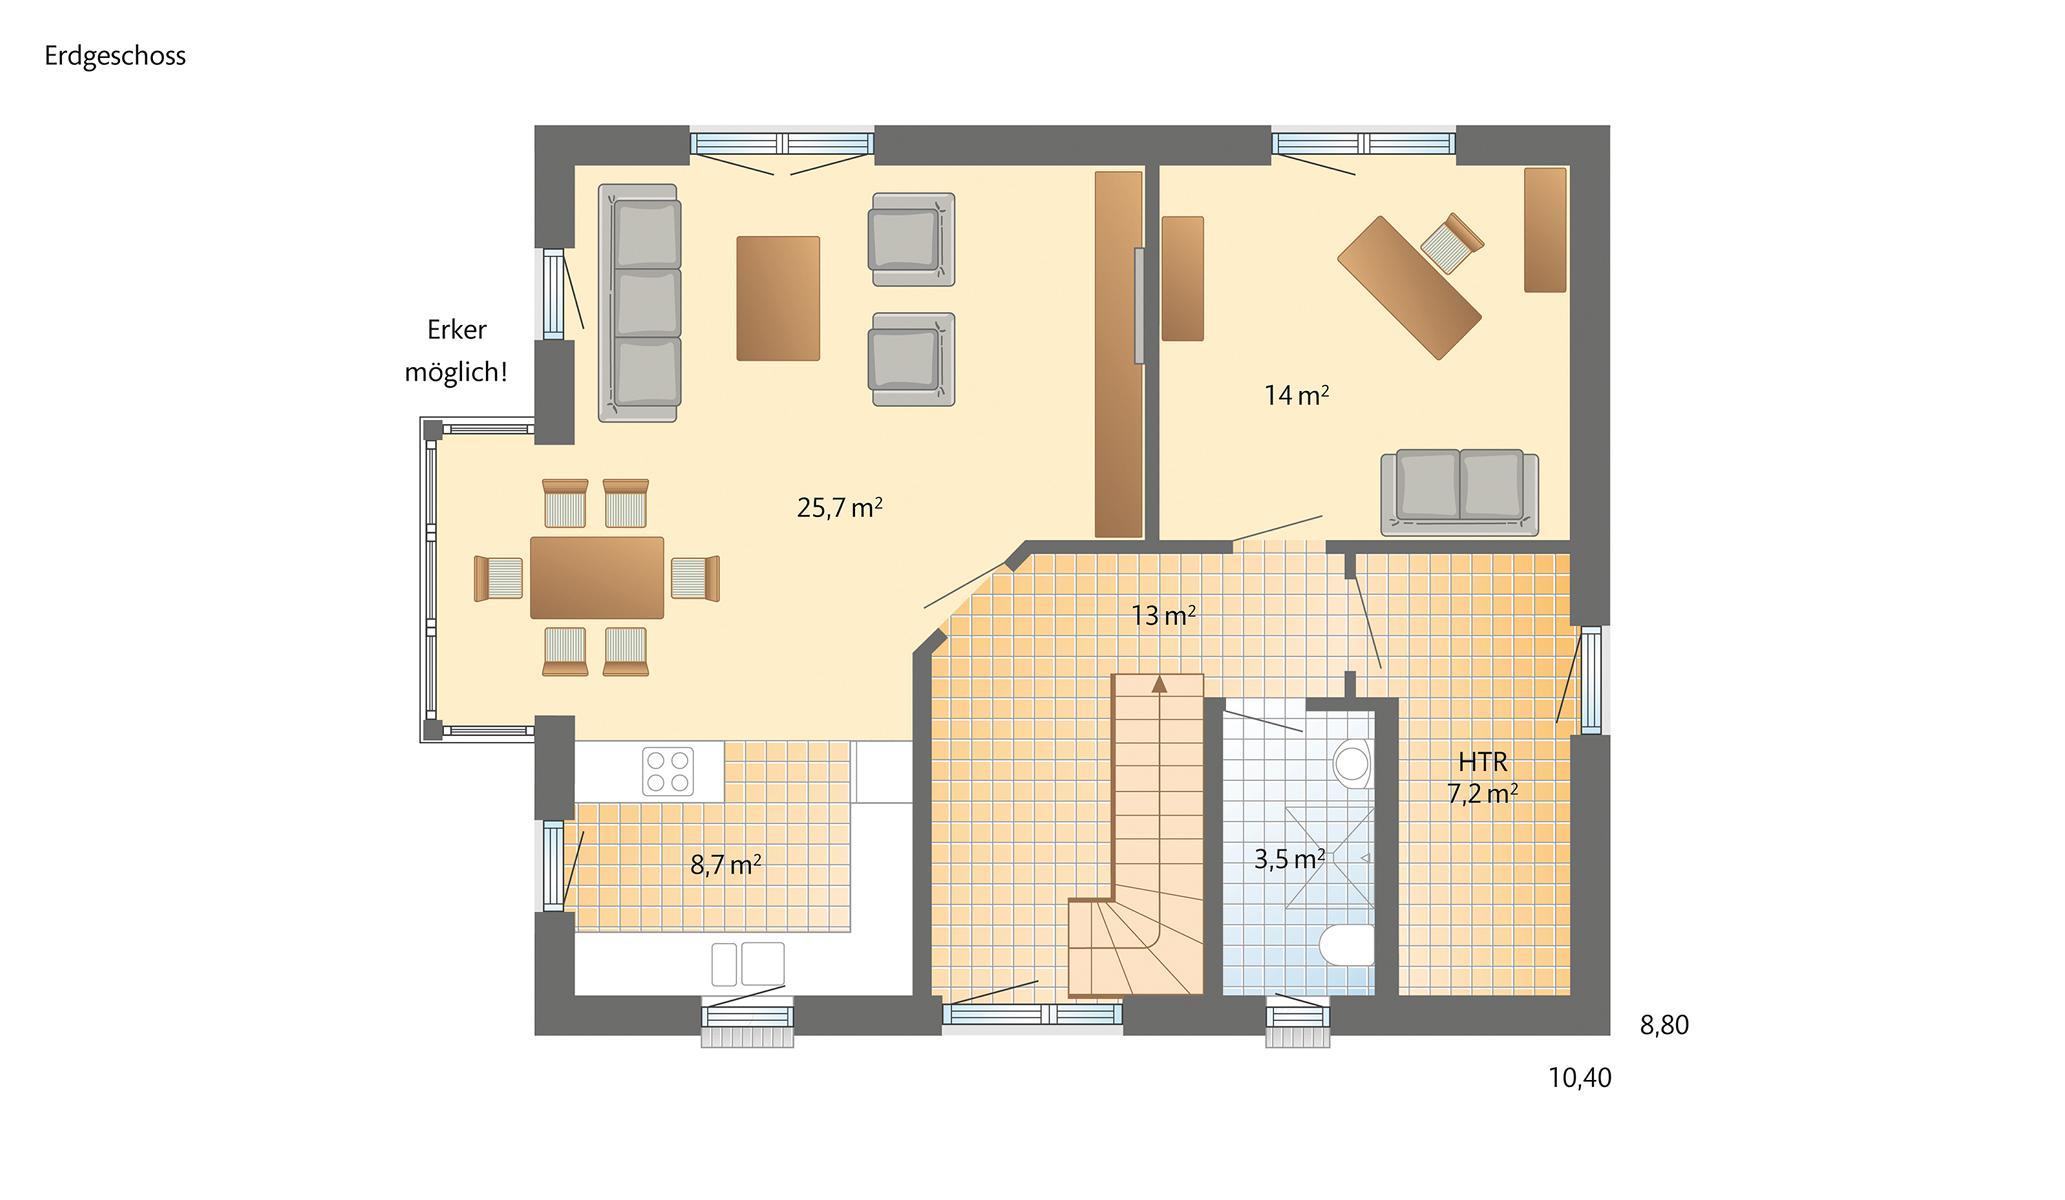 danhaus gmbh ffnungszeiten danhaus gmbh d bichauer stra e. Black Bedroom Furniture Sets. Home Design Ideas